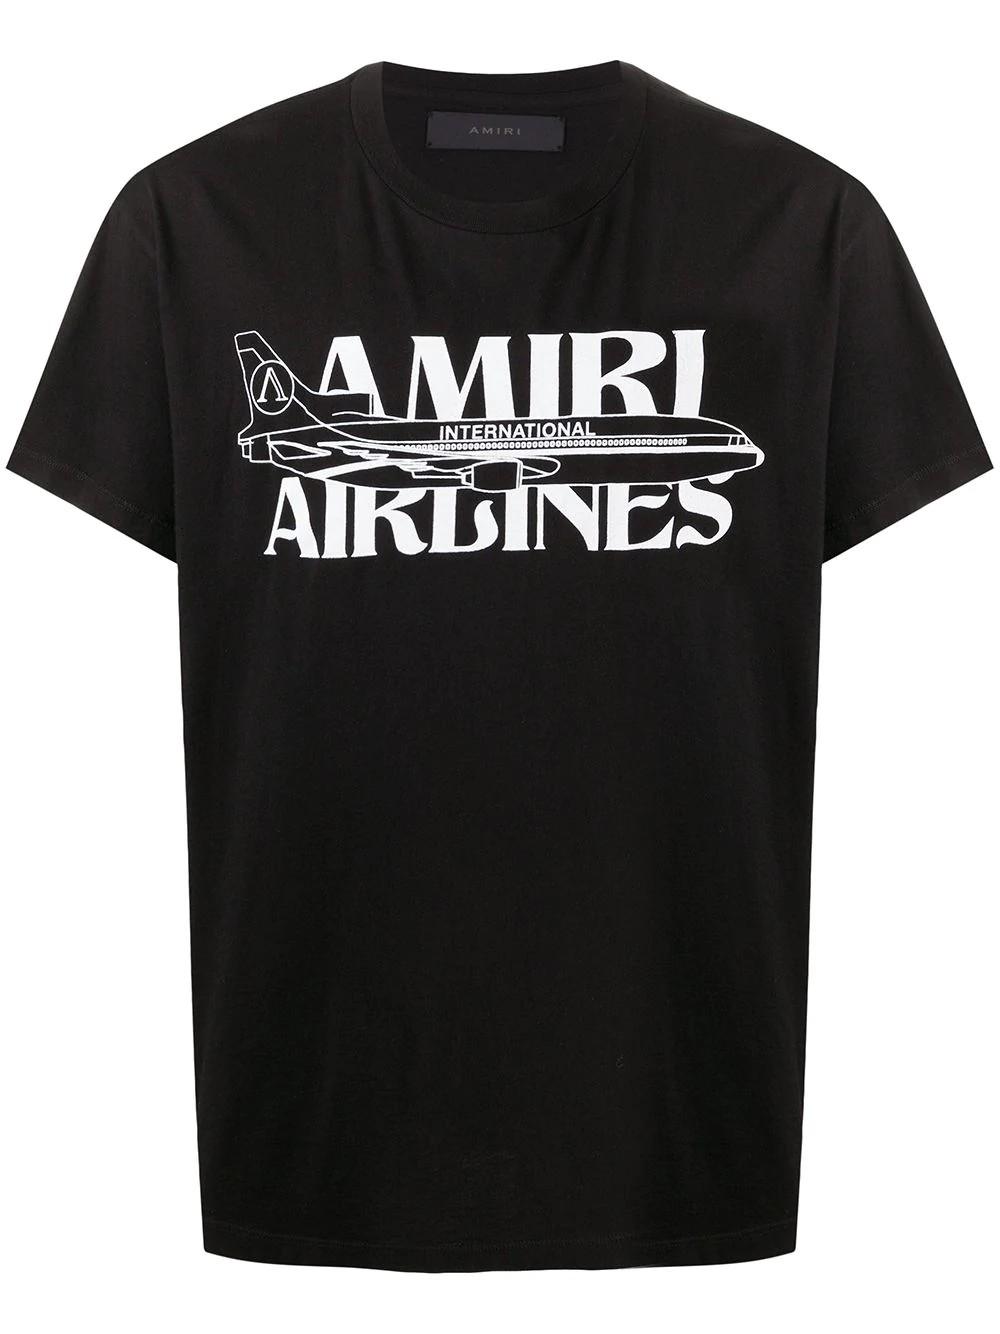 AMIRI AIRLINES TEES